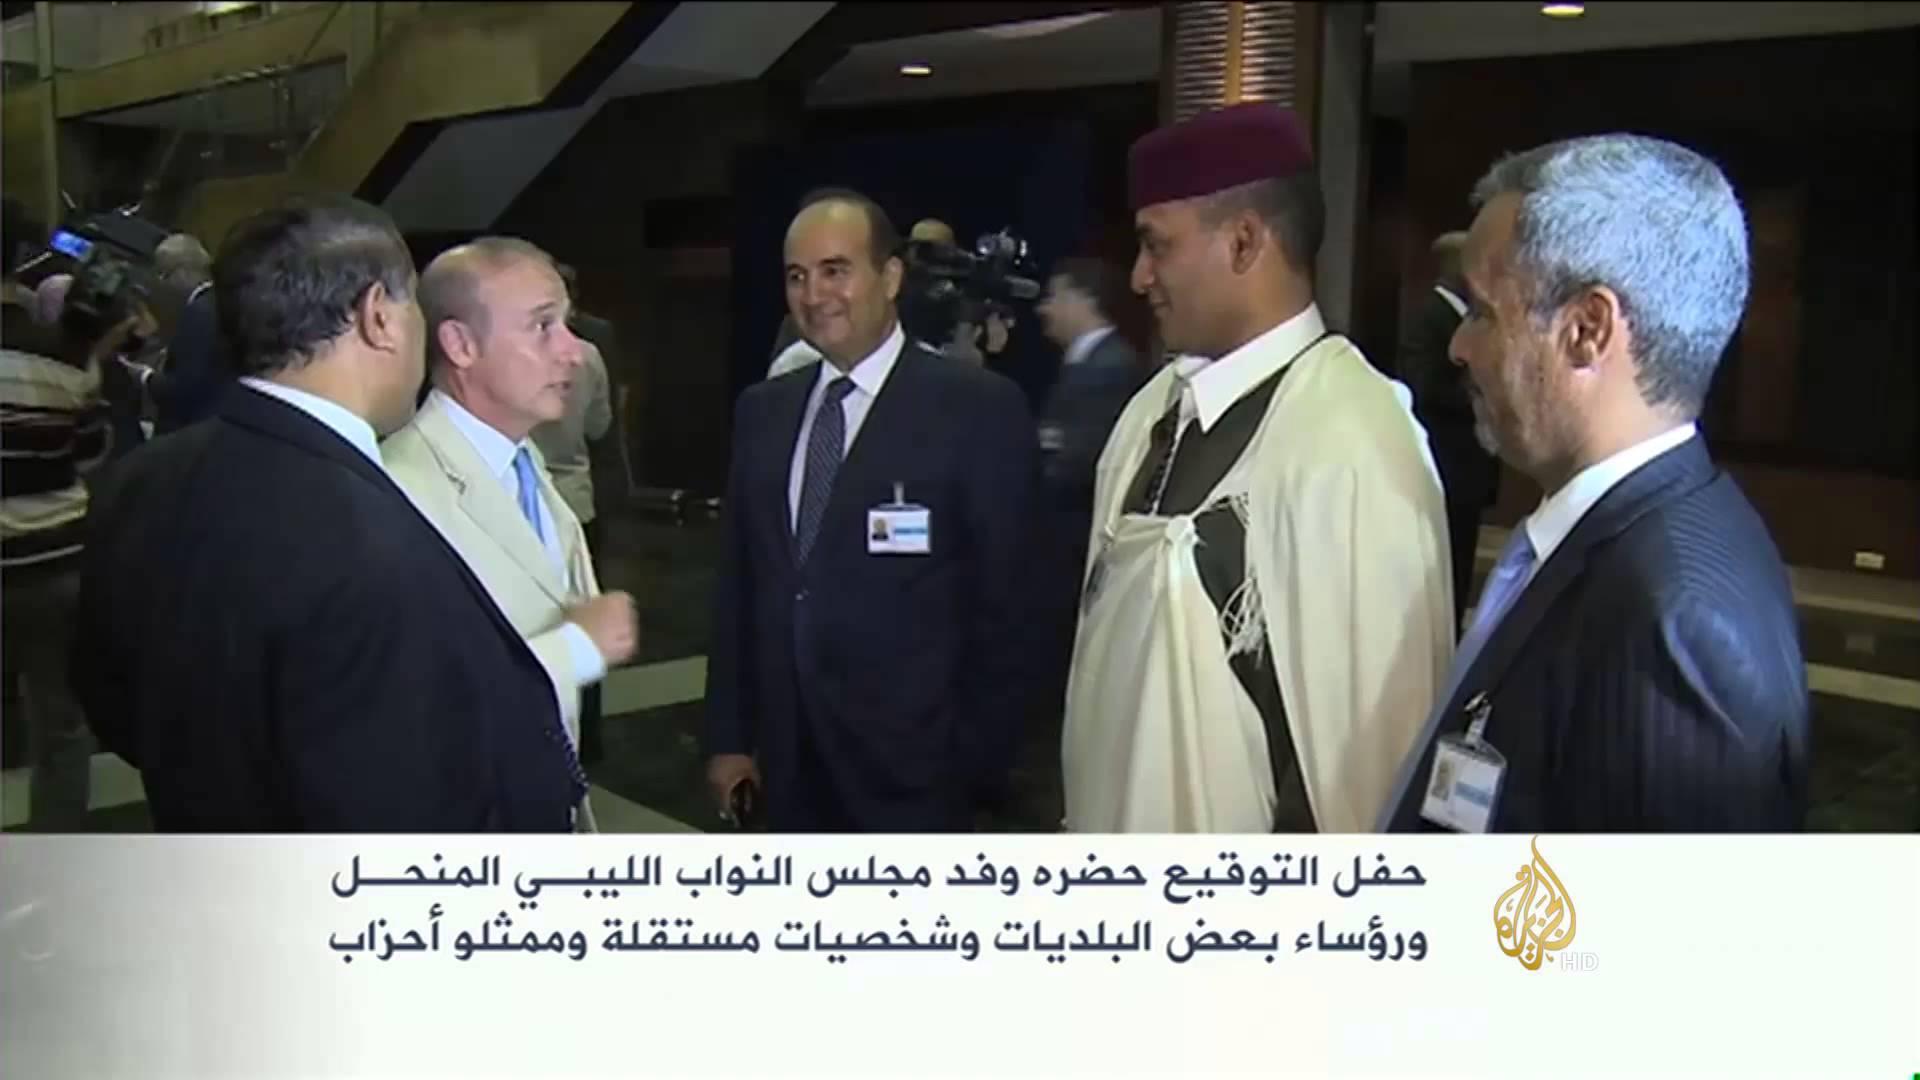 التوقيع بالأحرف الأولى على اتفاق السلم والمصالحة في ليبيا